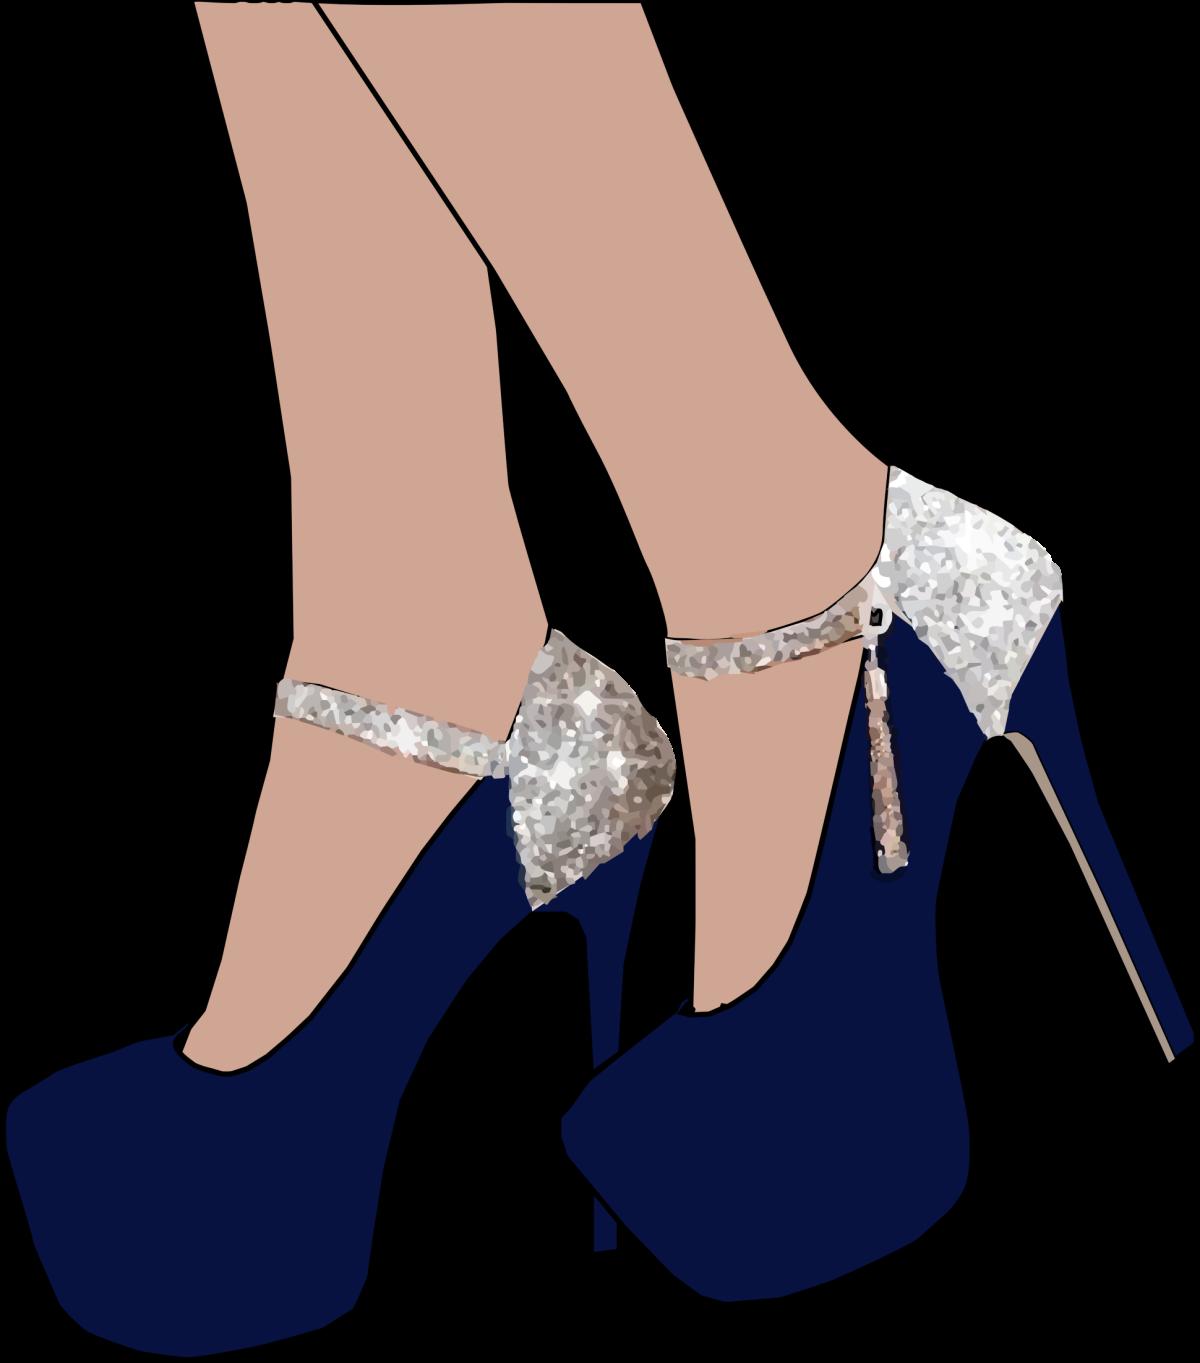 改穿厚底高跟鞋可減少小腿變粗的機會